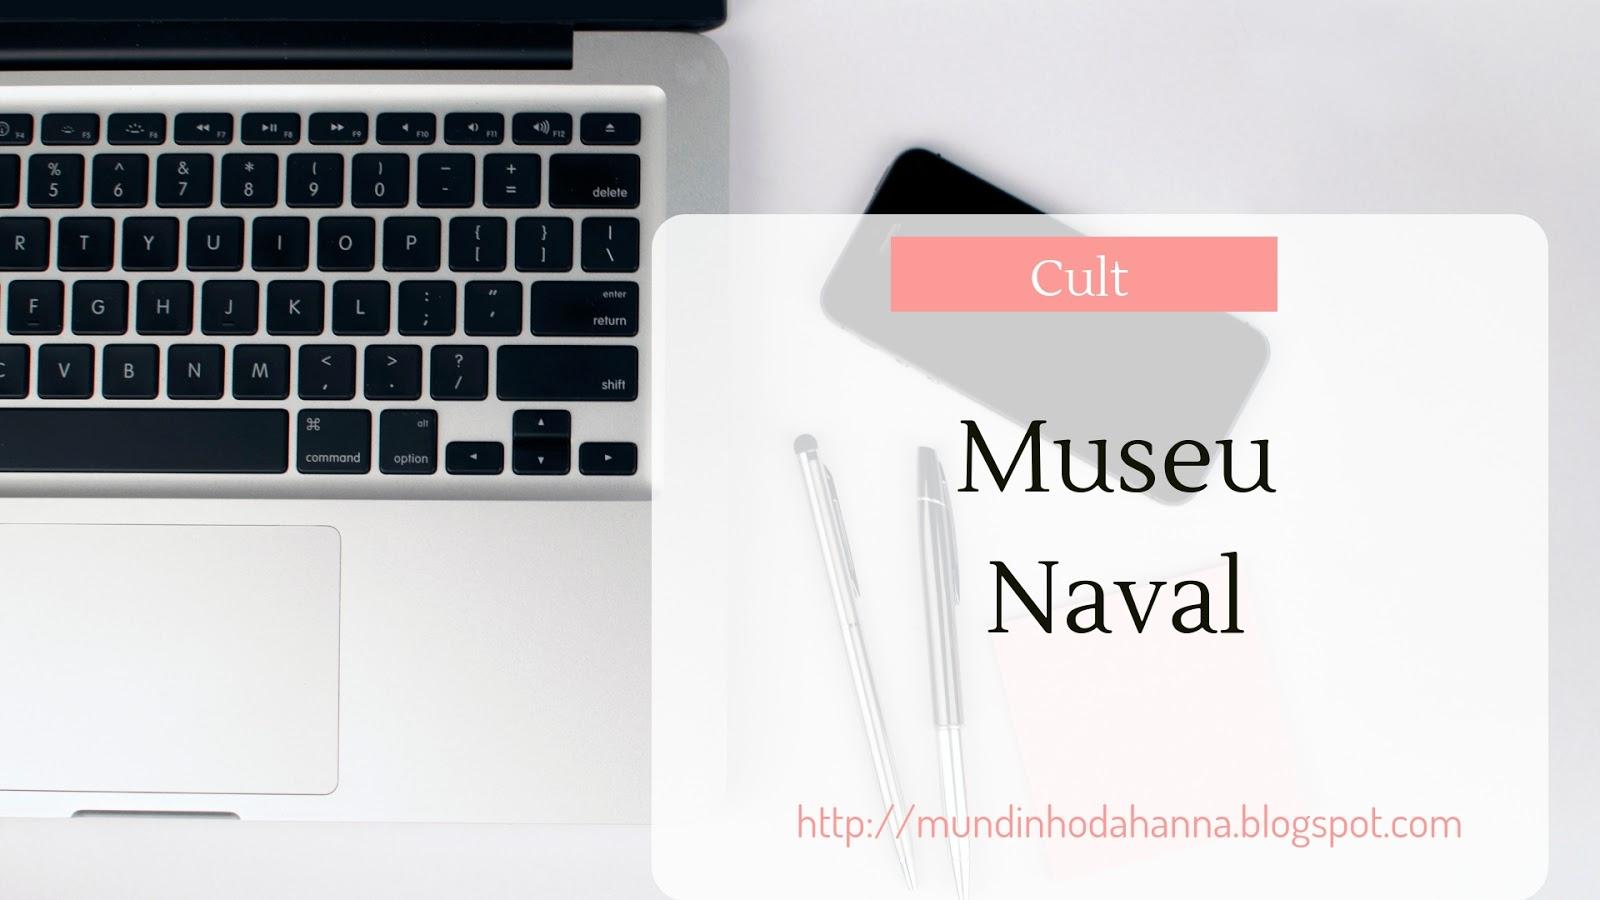 Museu Naval